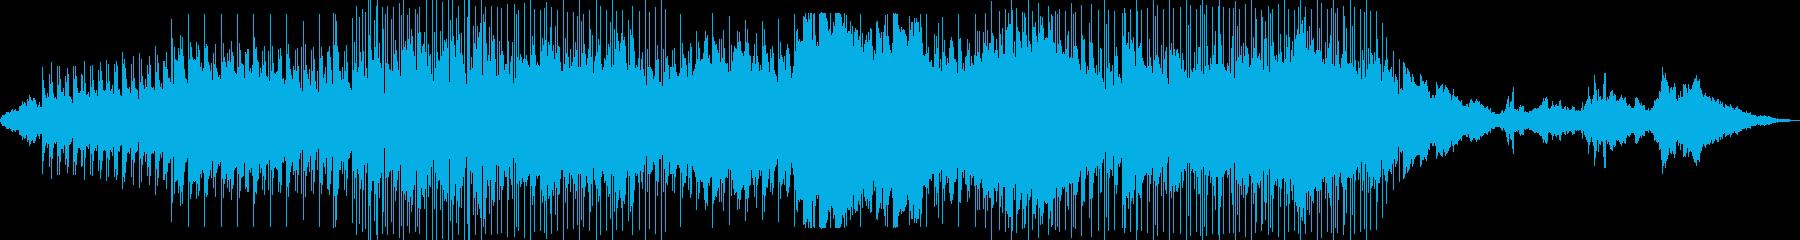 催眠、エキゾチックなアンダートーン...の再生済みの波形